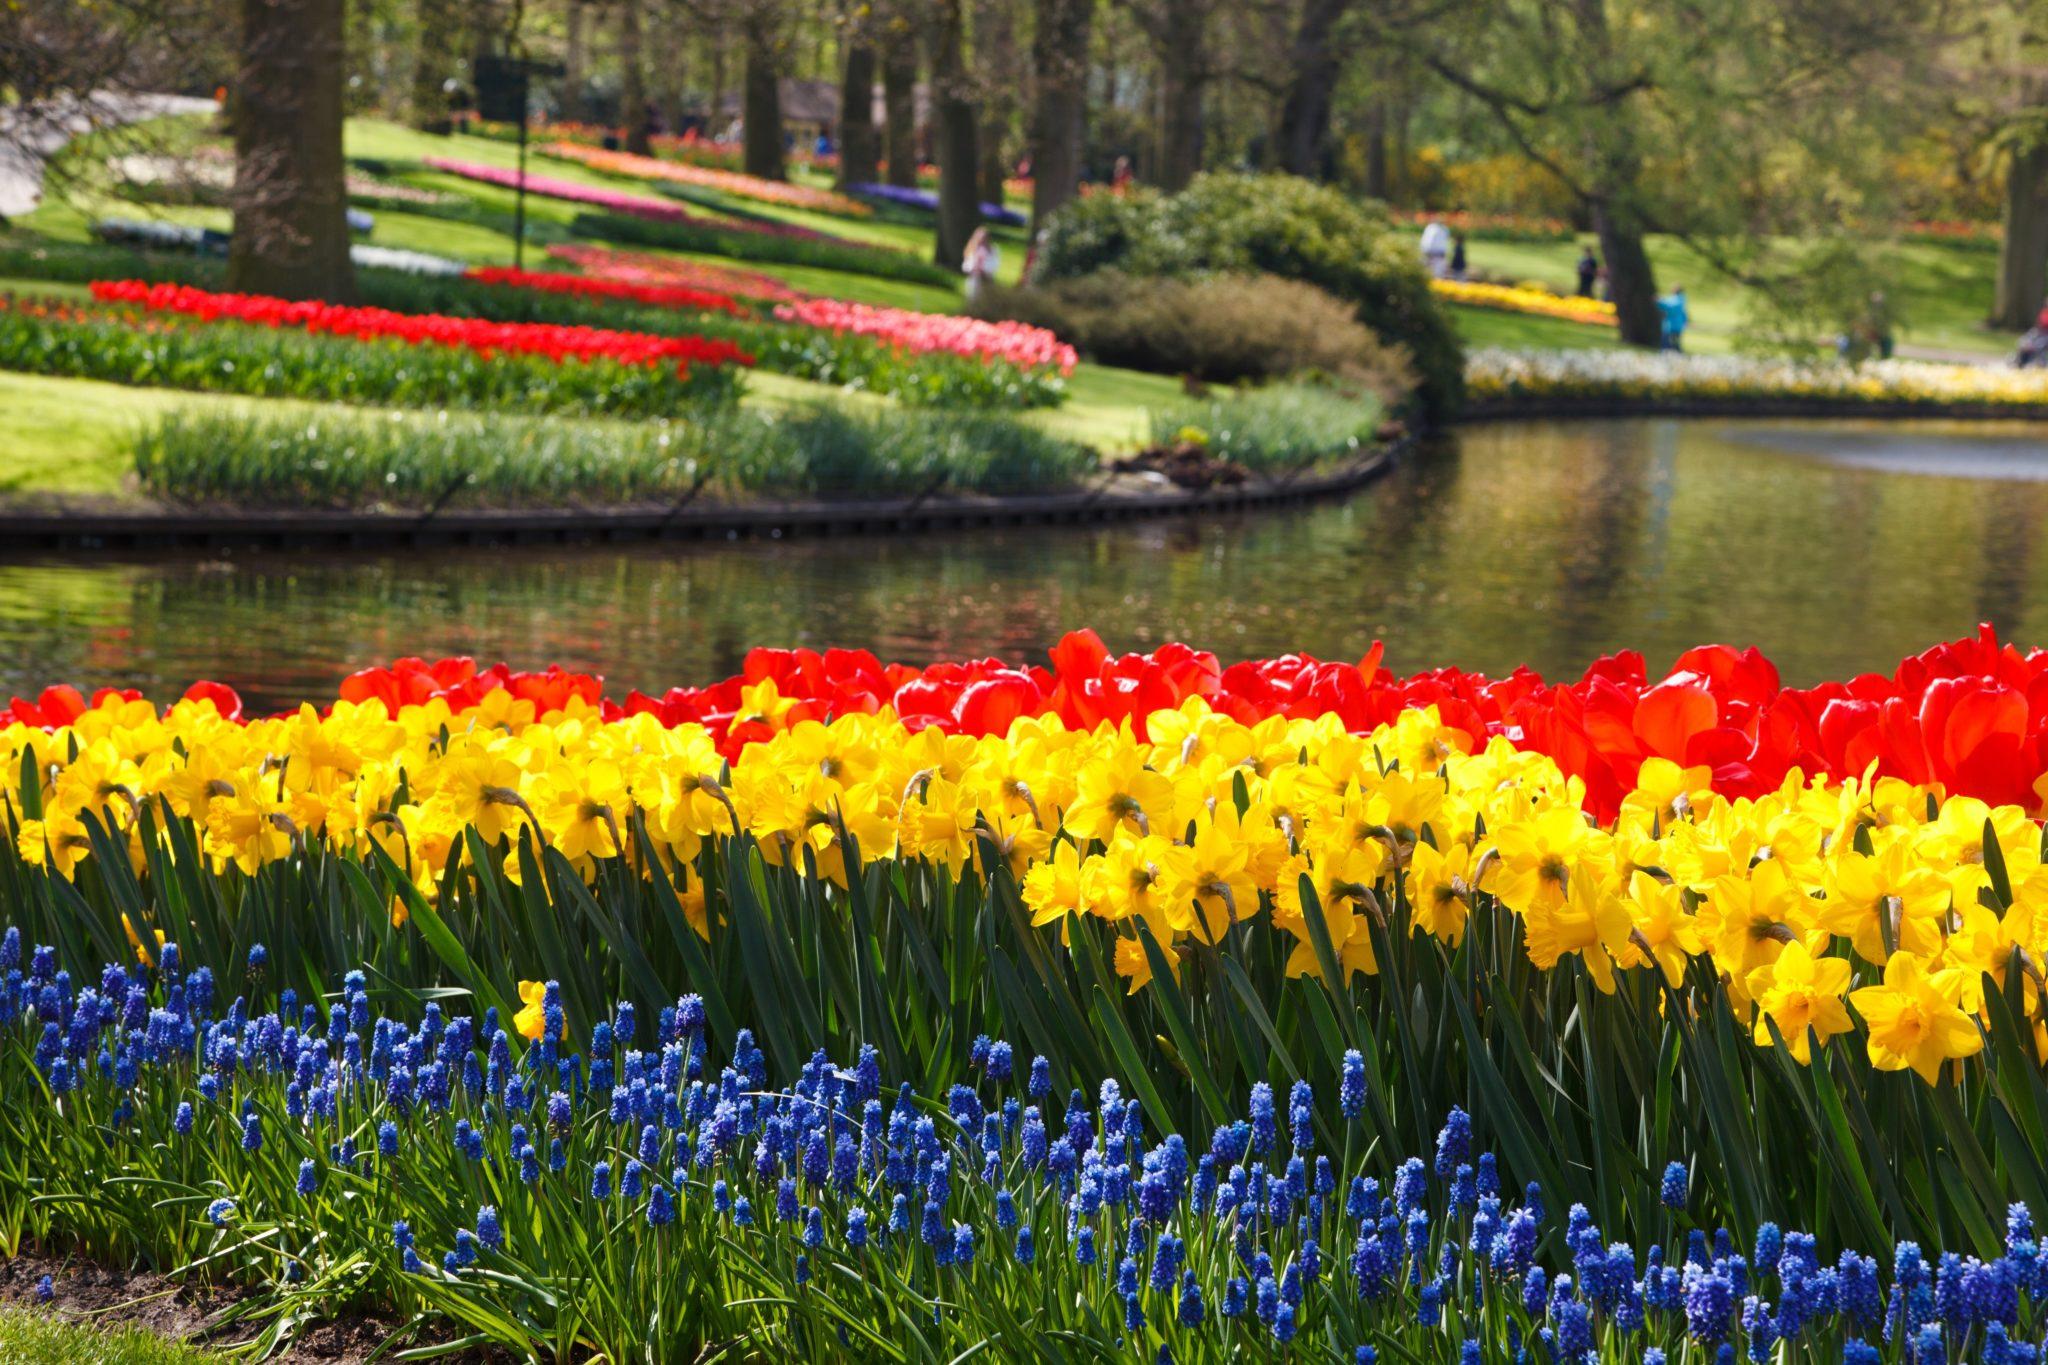 keukenhof_flower_gardens